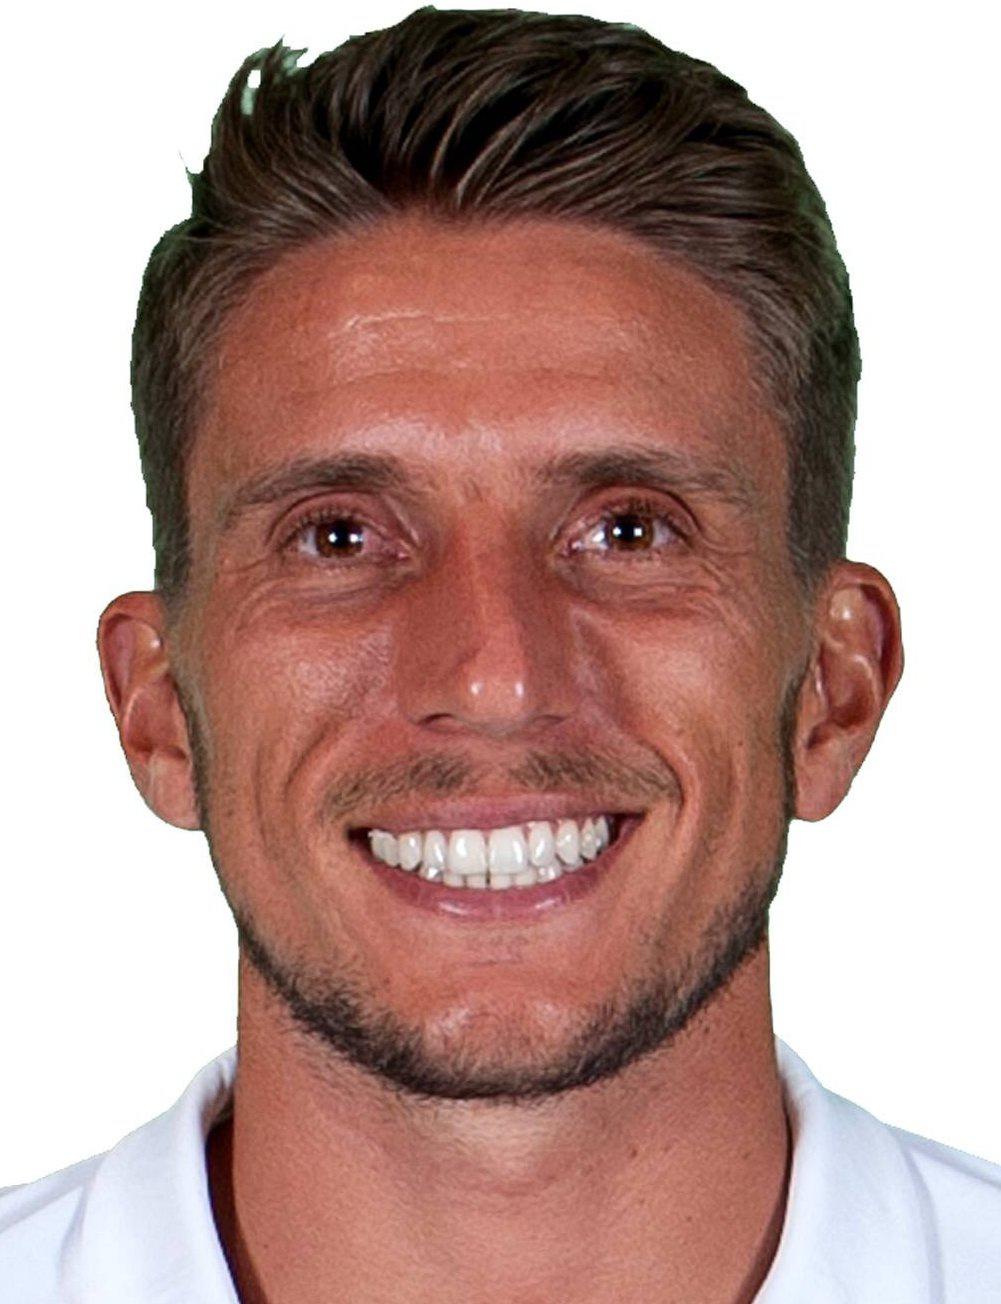 Daniel carri o perfil de jogador 17 18 transfermarkt for Roque mesa transfermarkt